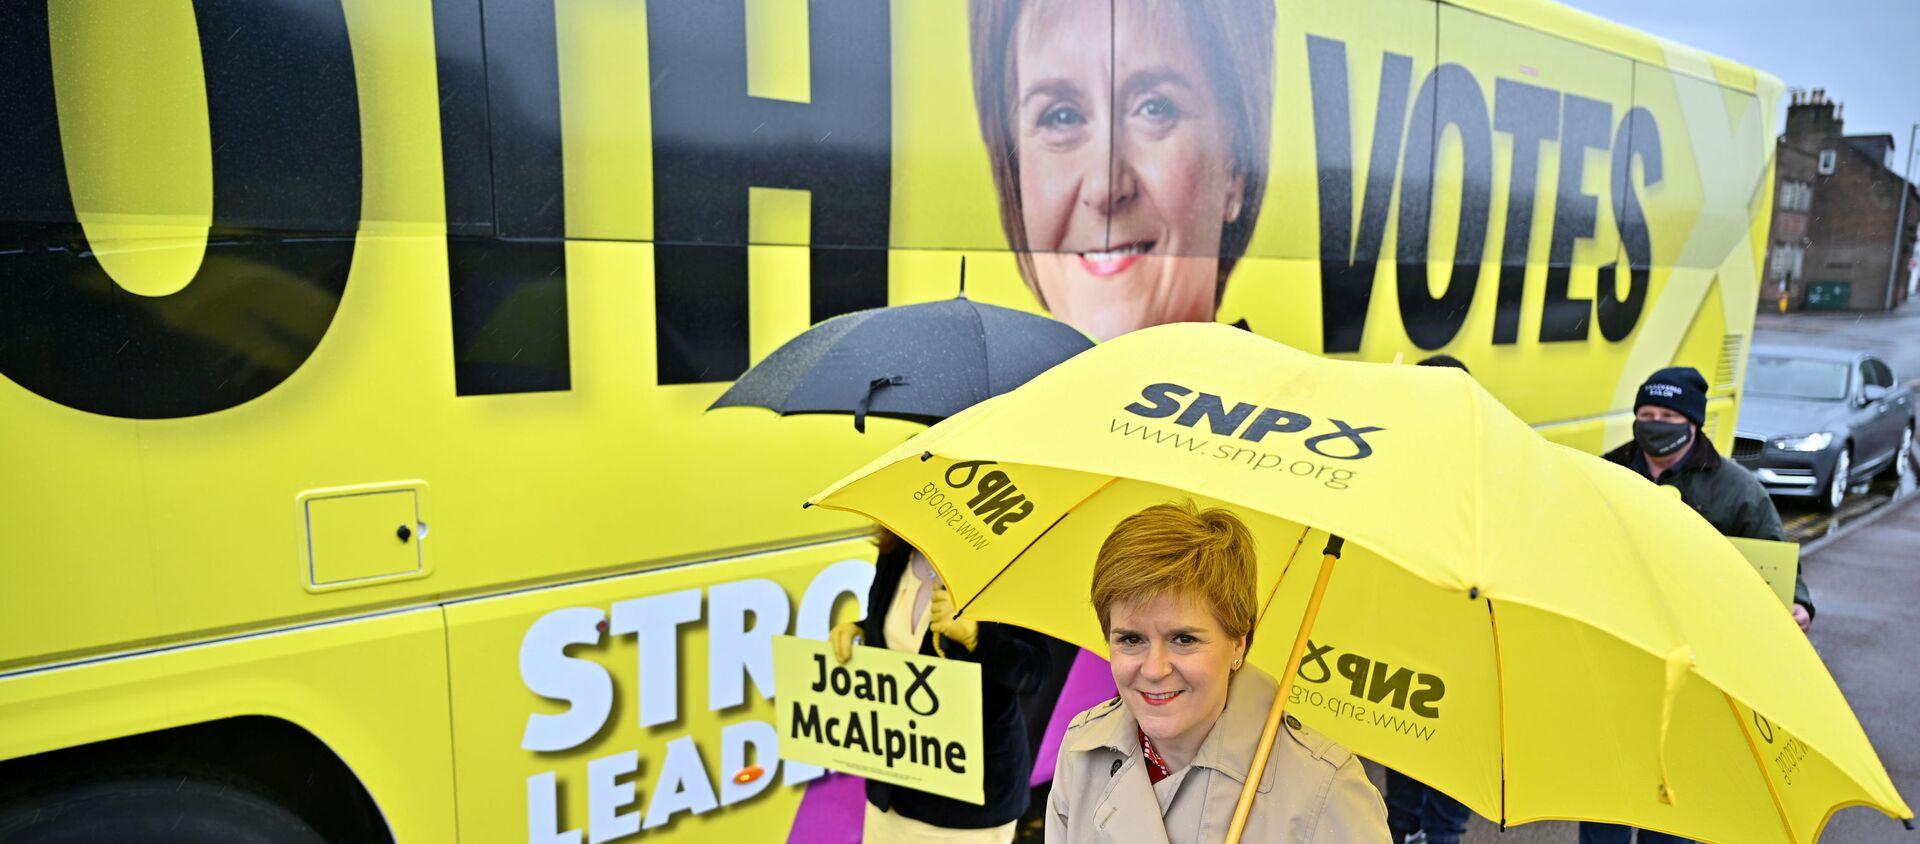 İskoçya 'bağımsızlığın oylanacağı' parlamento seçimlerine gidiyor - Sputnik Türkiye, 1920, 05.05.2021